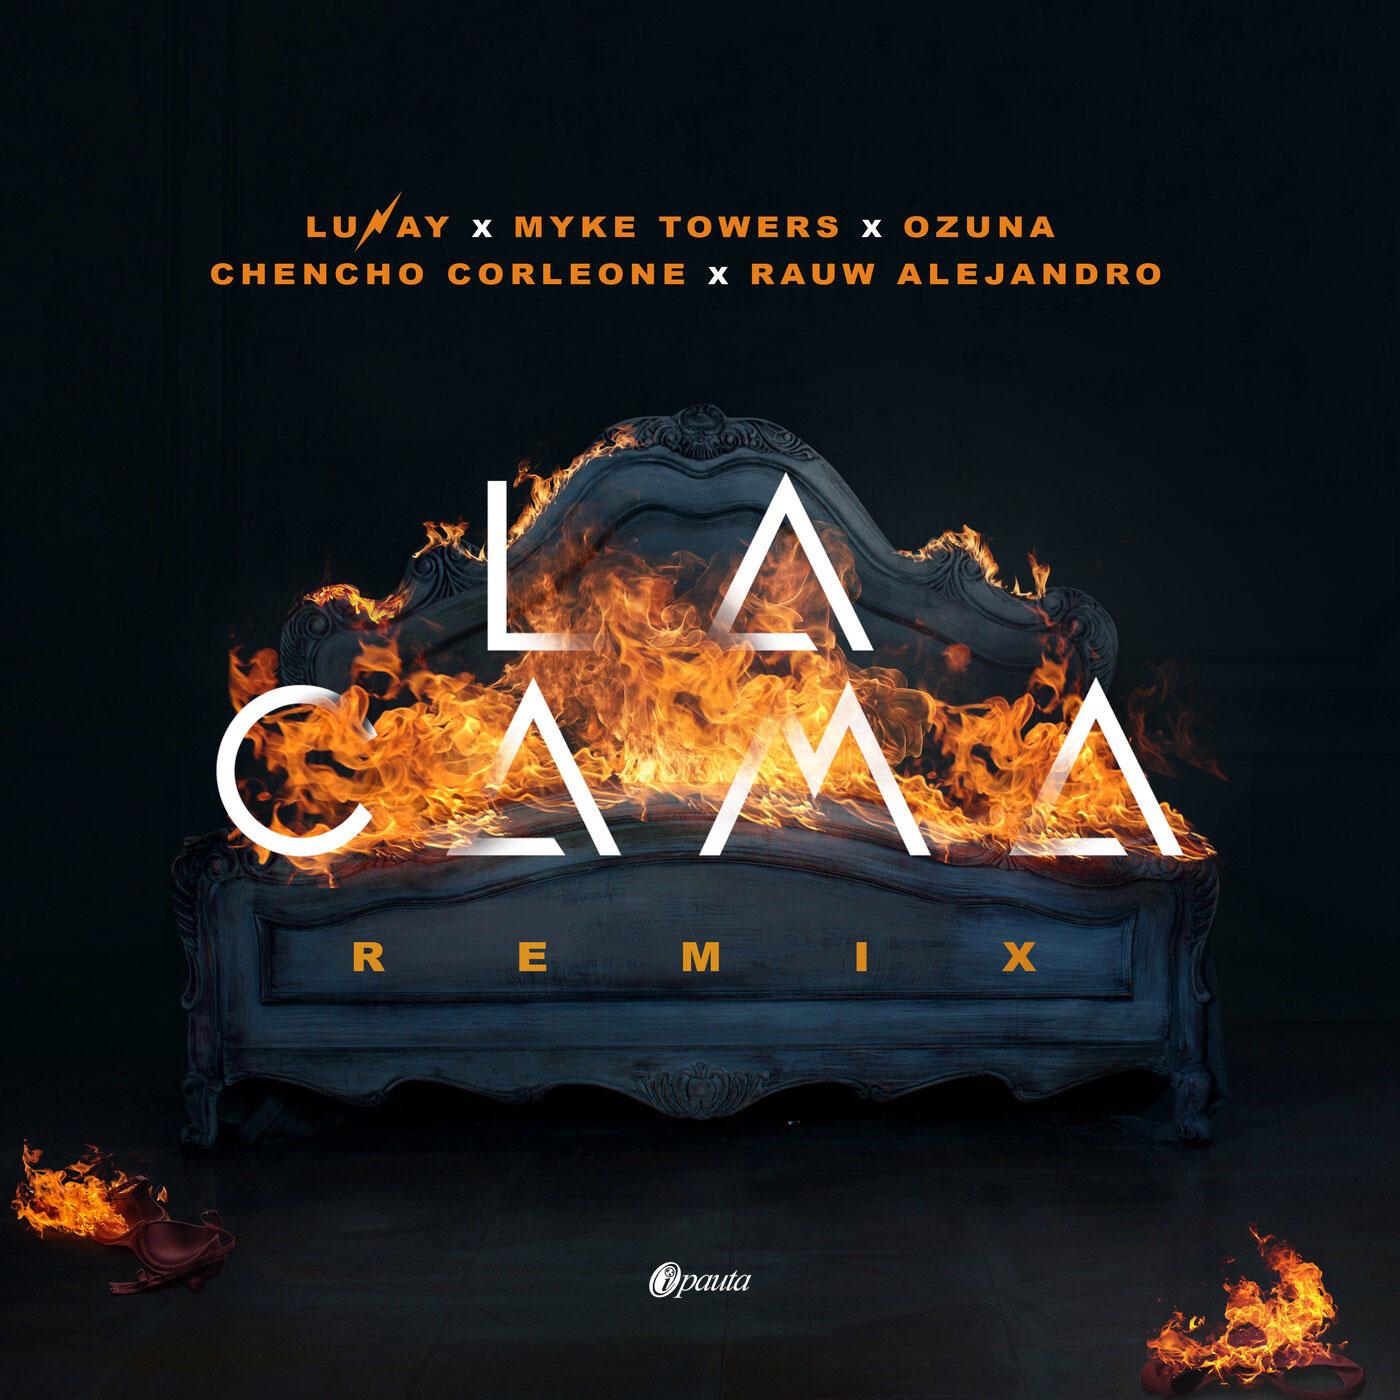 Photo of La versión remix 'La Cama Remix' de Lunay junto a Myke Towers reúne a Ozuna, Chencho Corleone y Rauw Alejandro